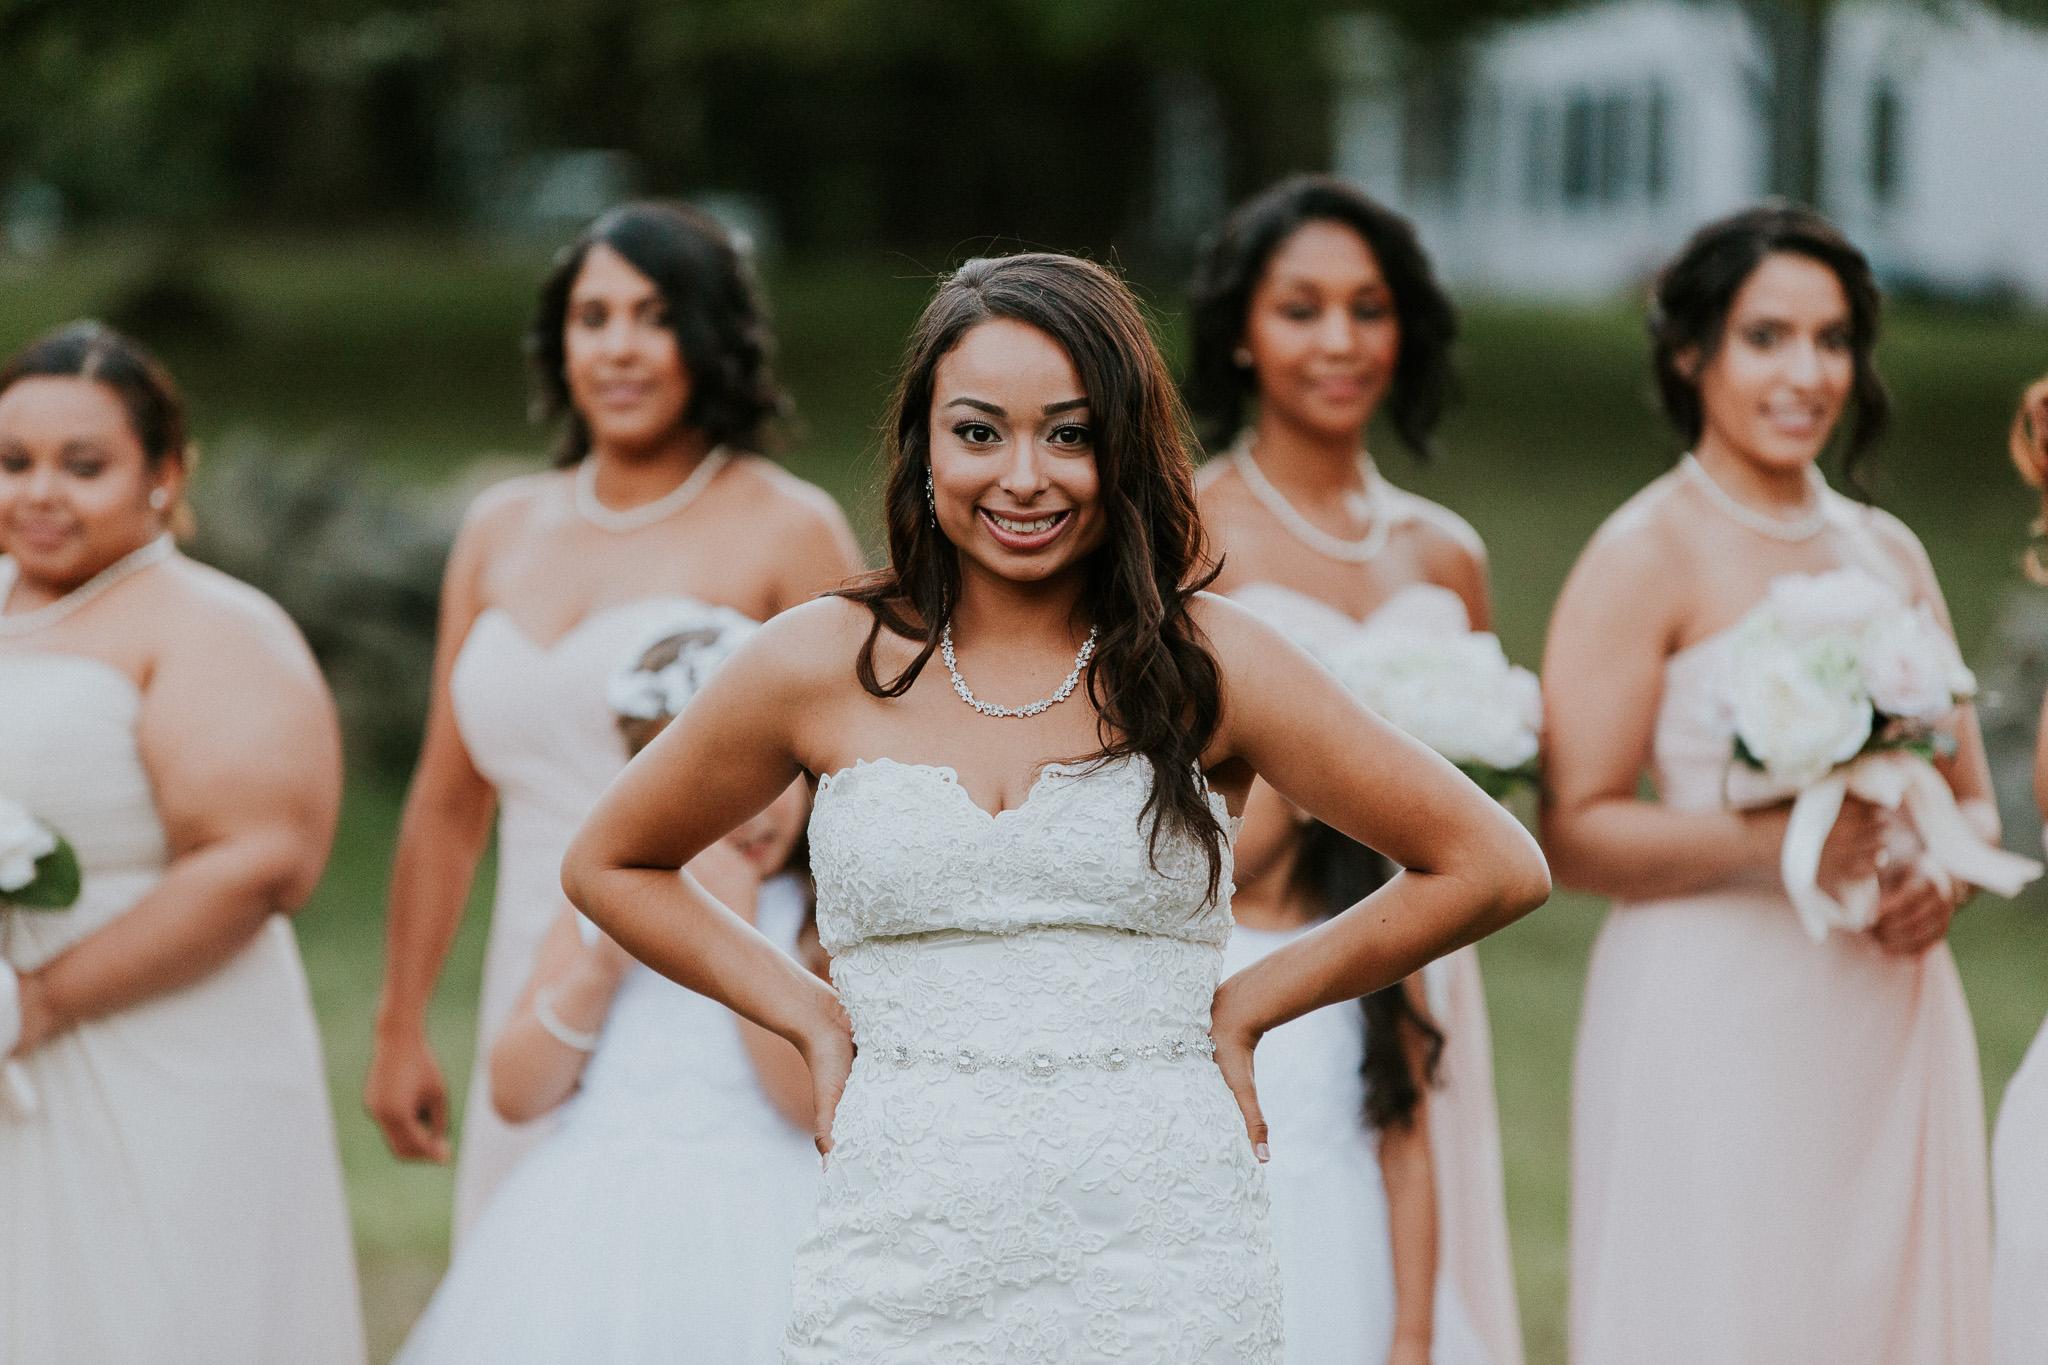 weddings-36.jpg